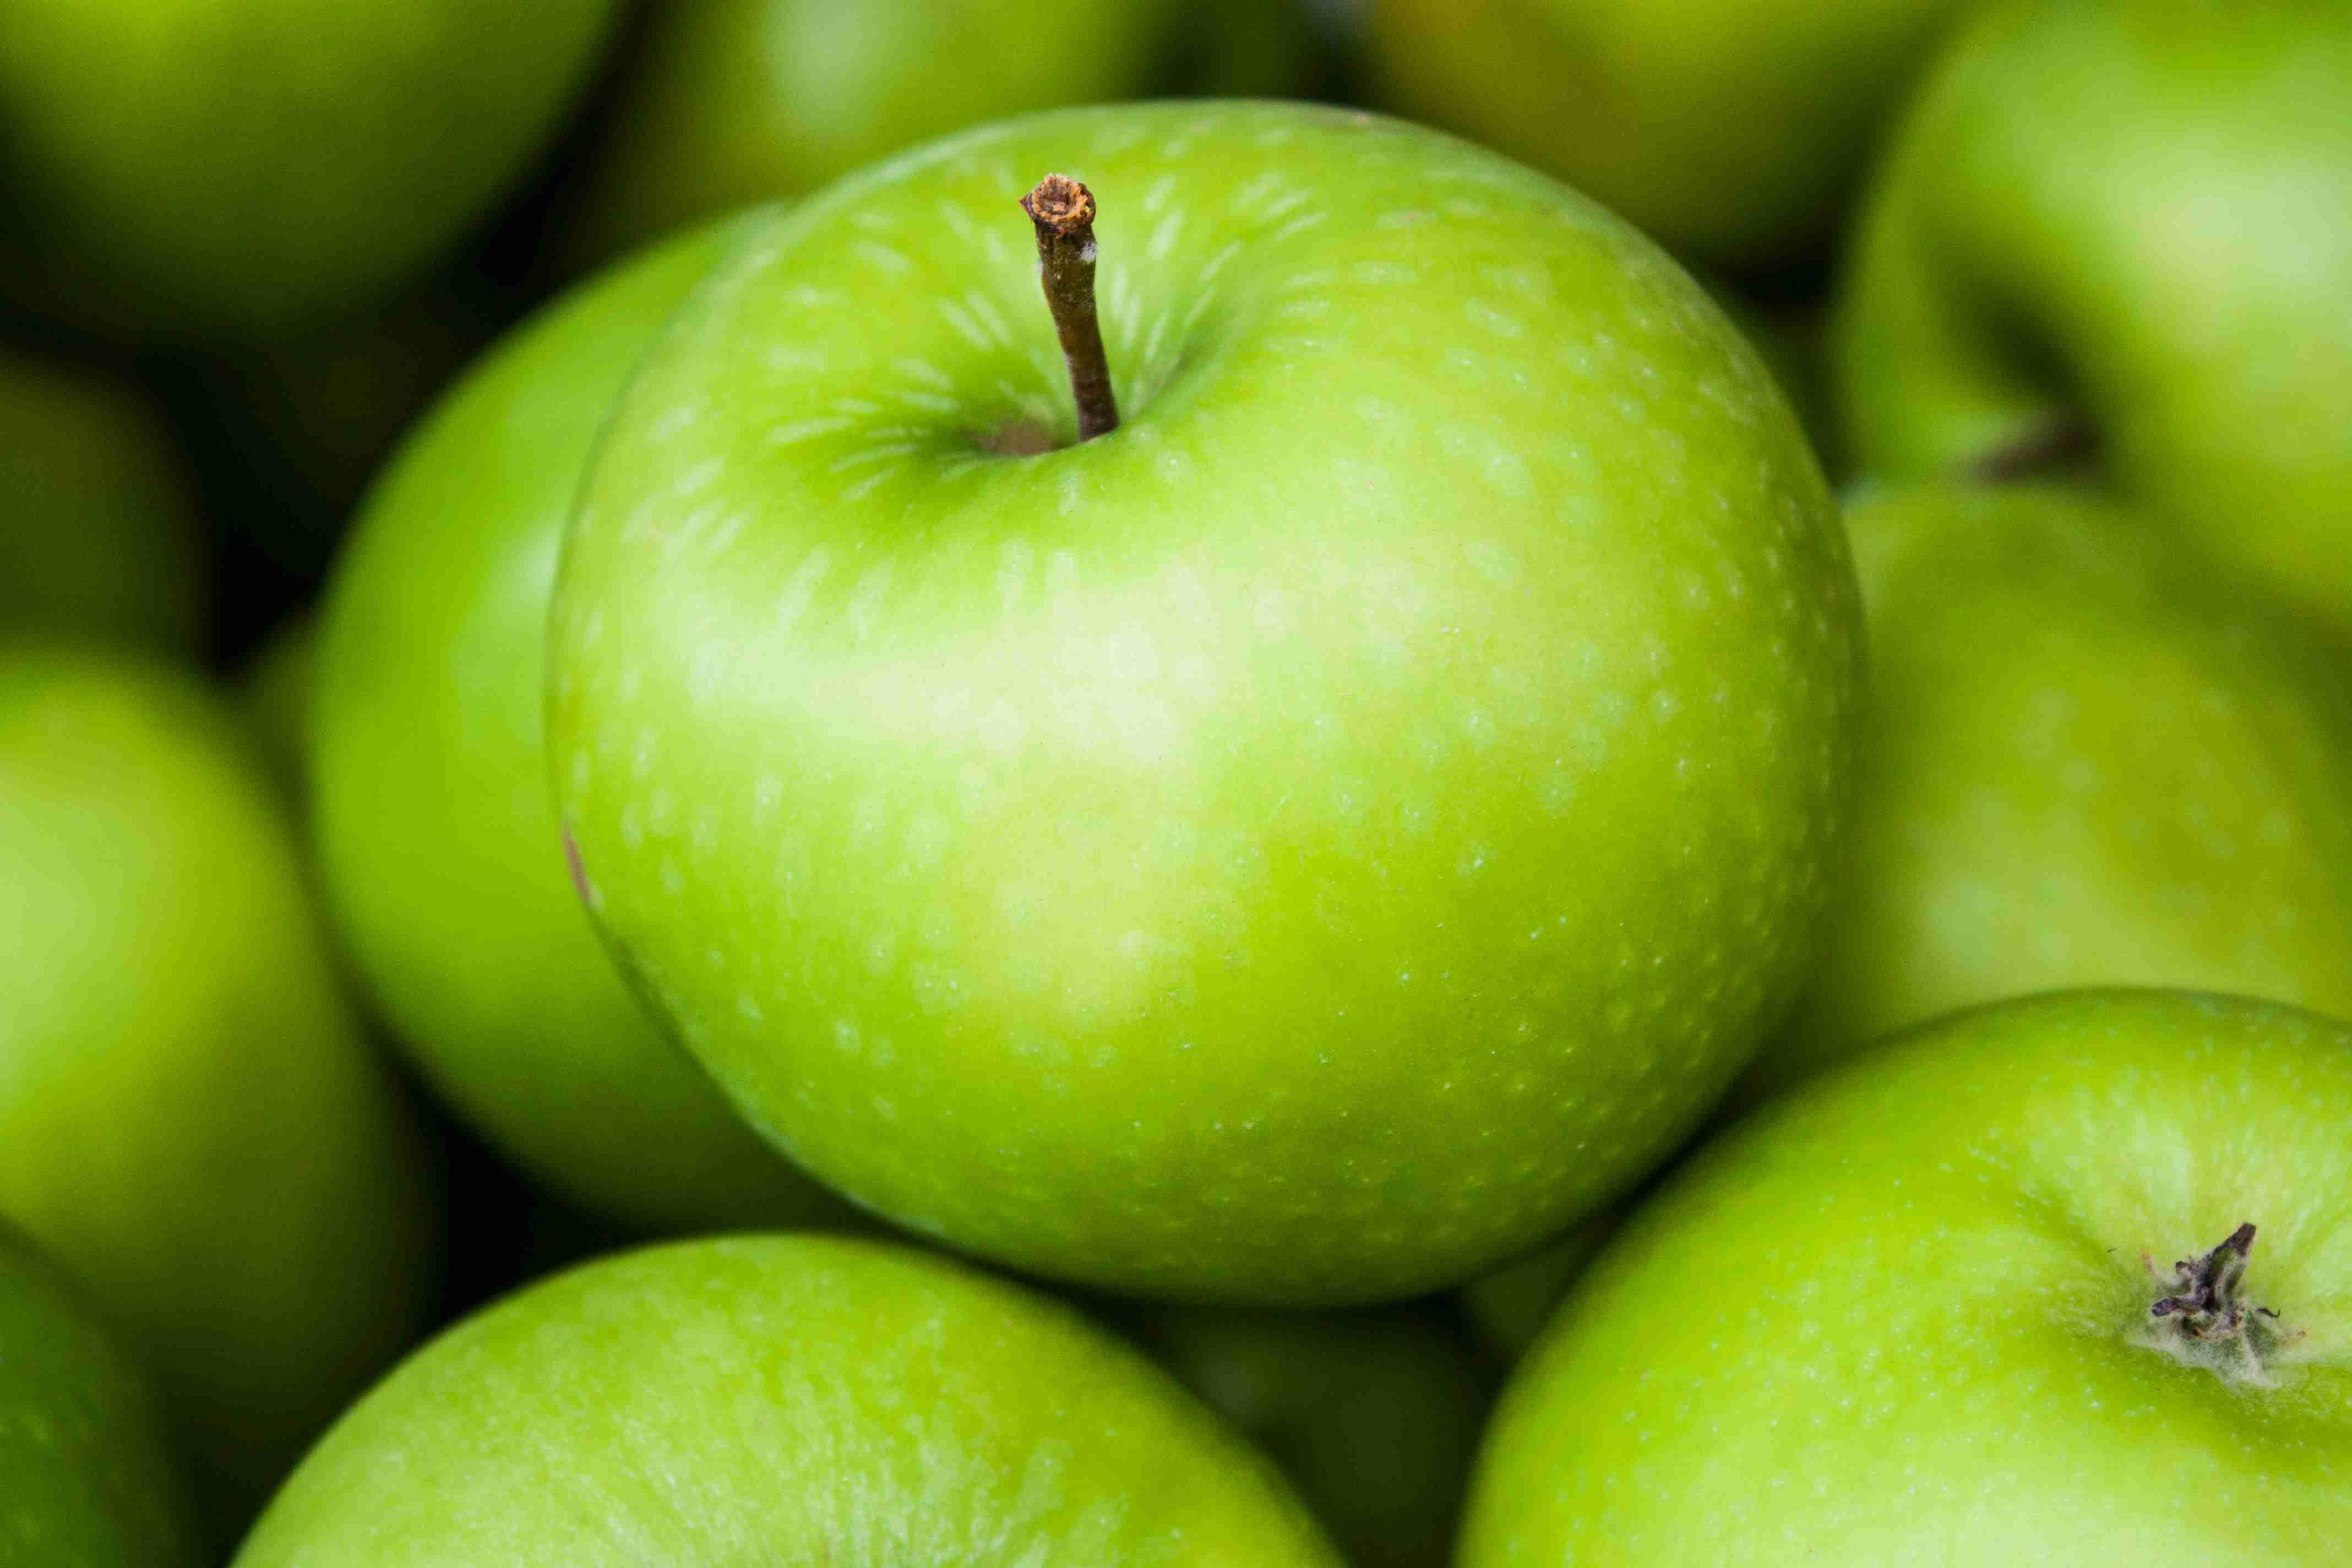 занимается созданием цвет зеленого яблока фото торт конфет шоколада